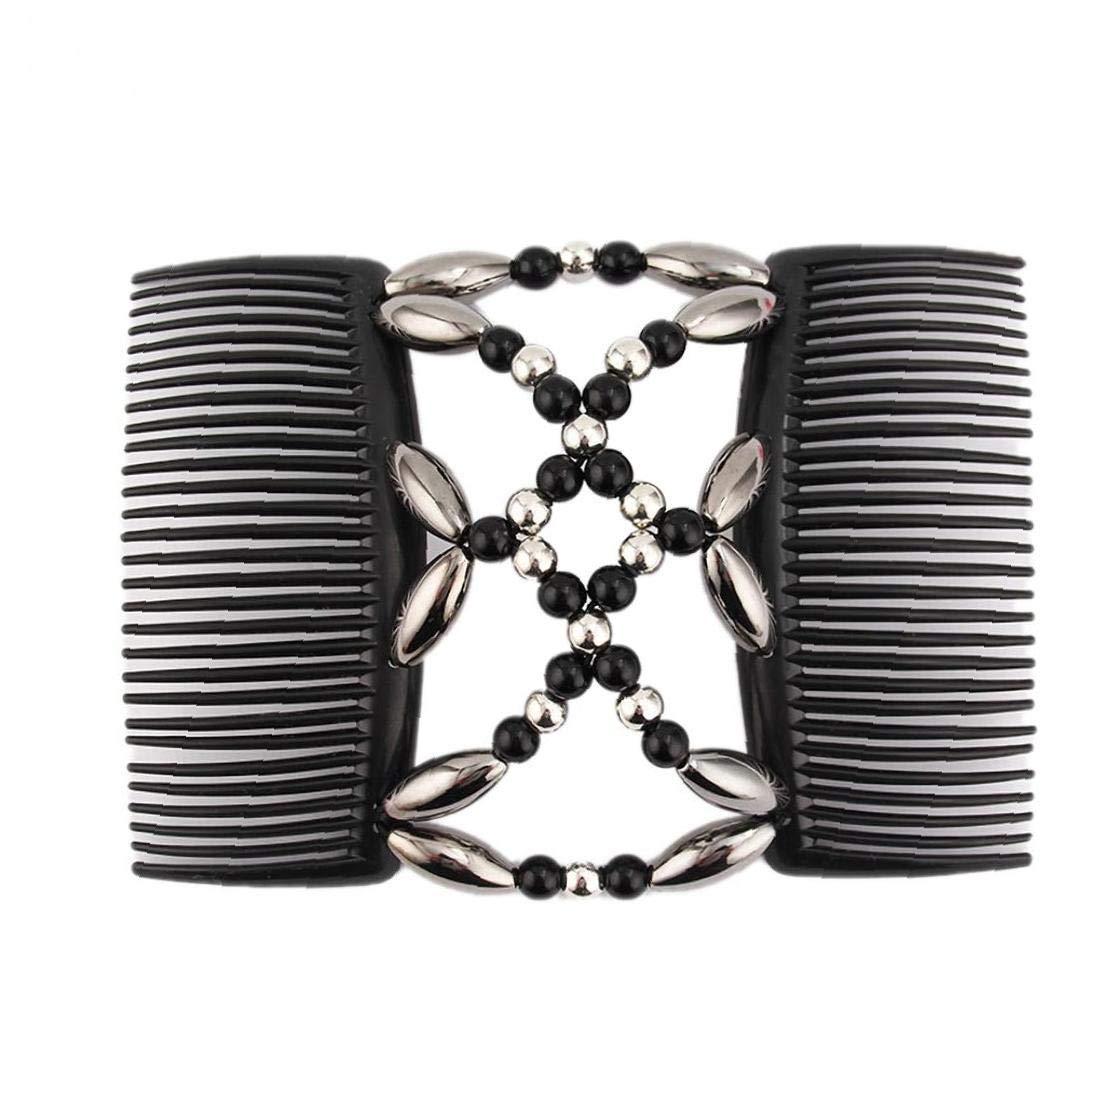 Perlen Haark/ämme Magie elastische Stretchy Doppel Hair Clips Styling Zubeh/ör Schwarz